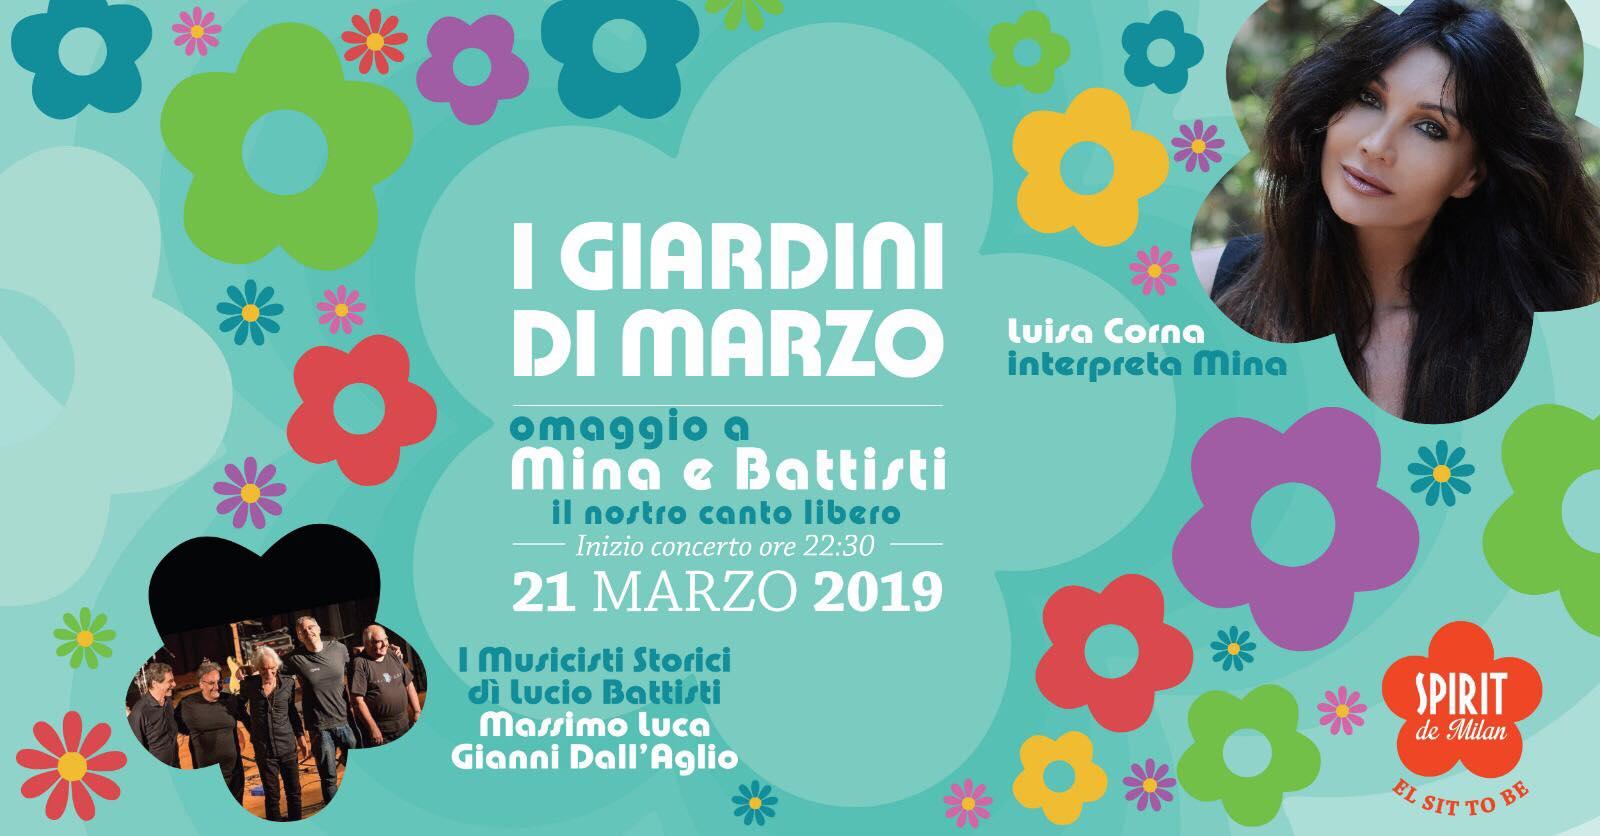 """21 MARZO 2019 ALLO SPIRIT DI MILANO """"I GIARDINI DI MARZO"""""""